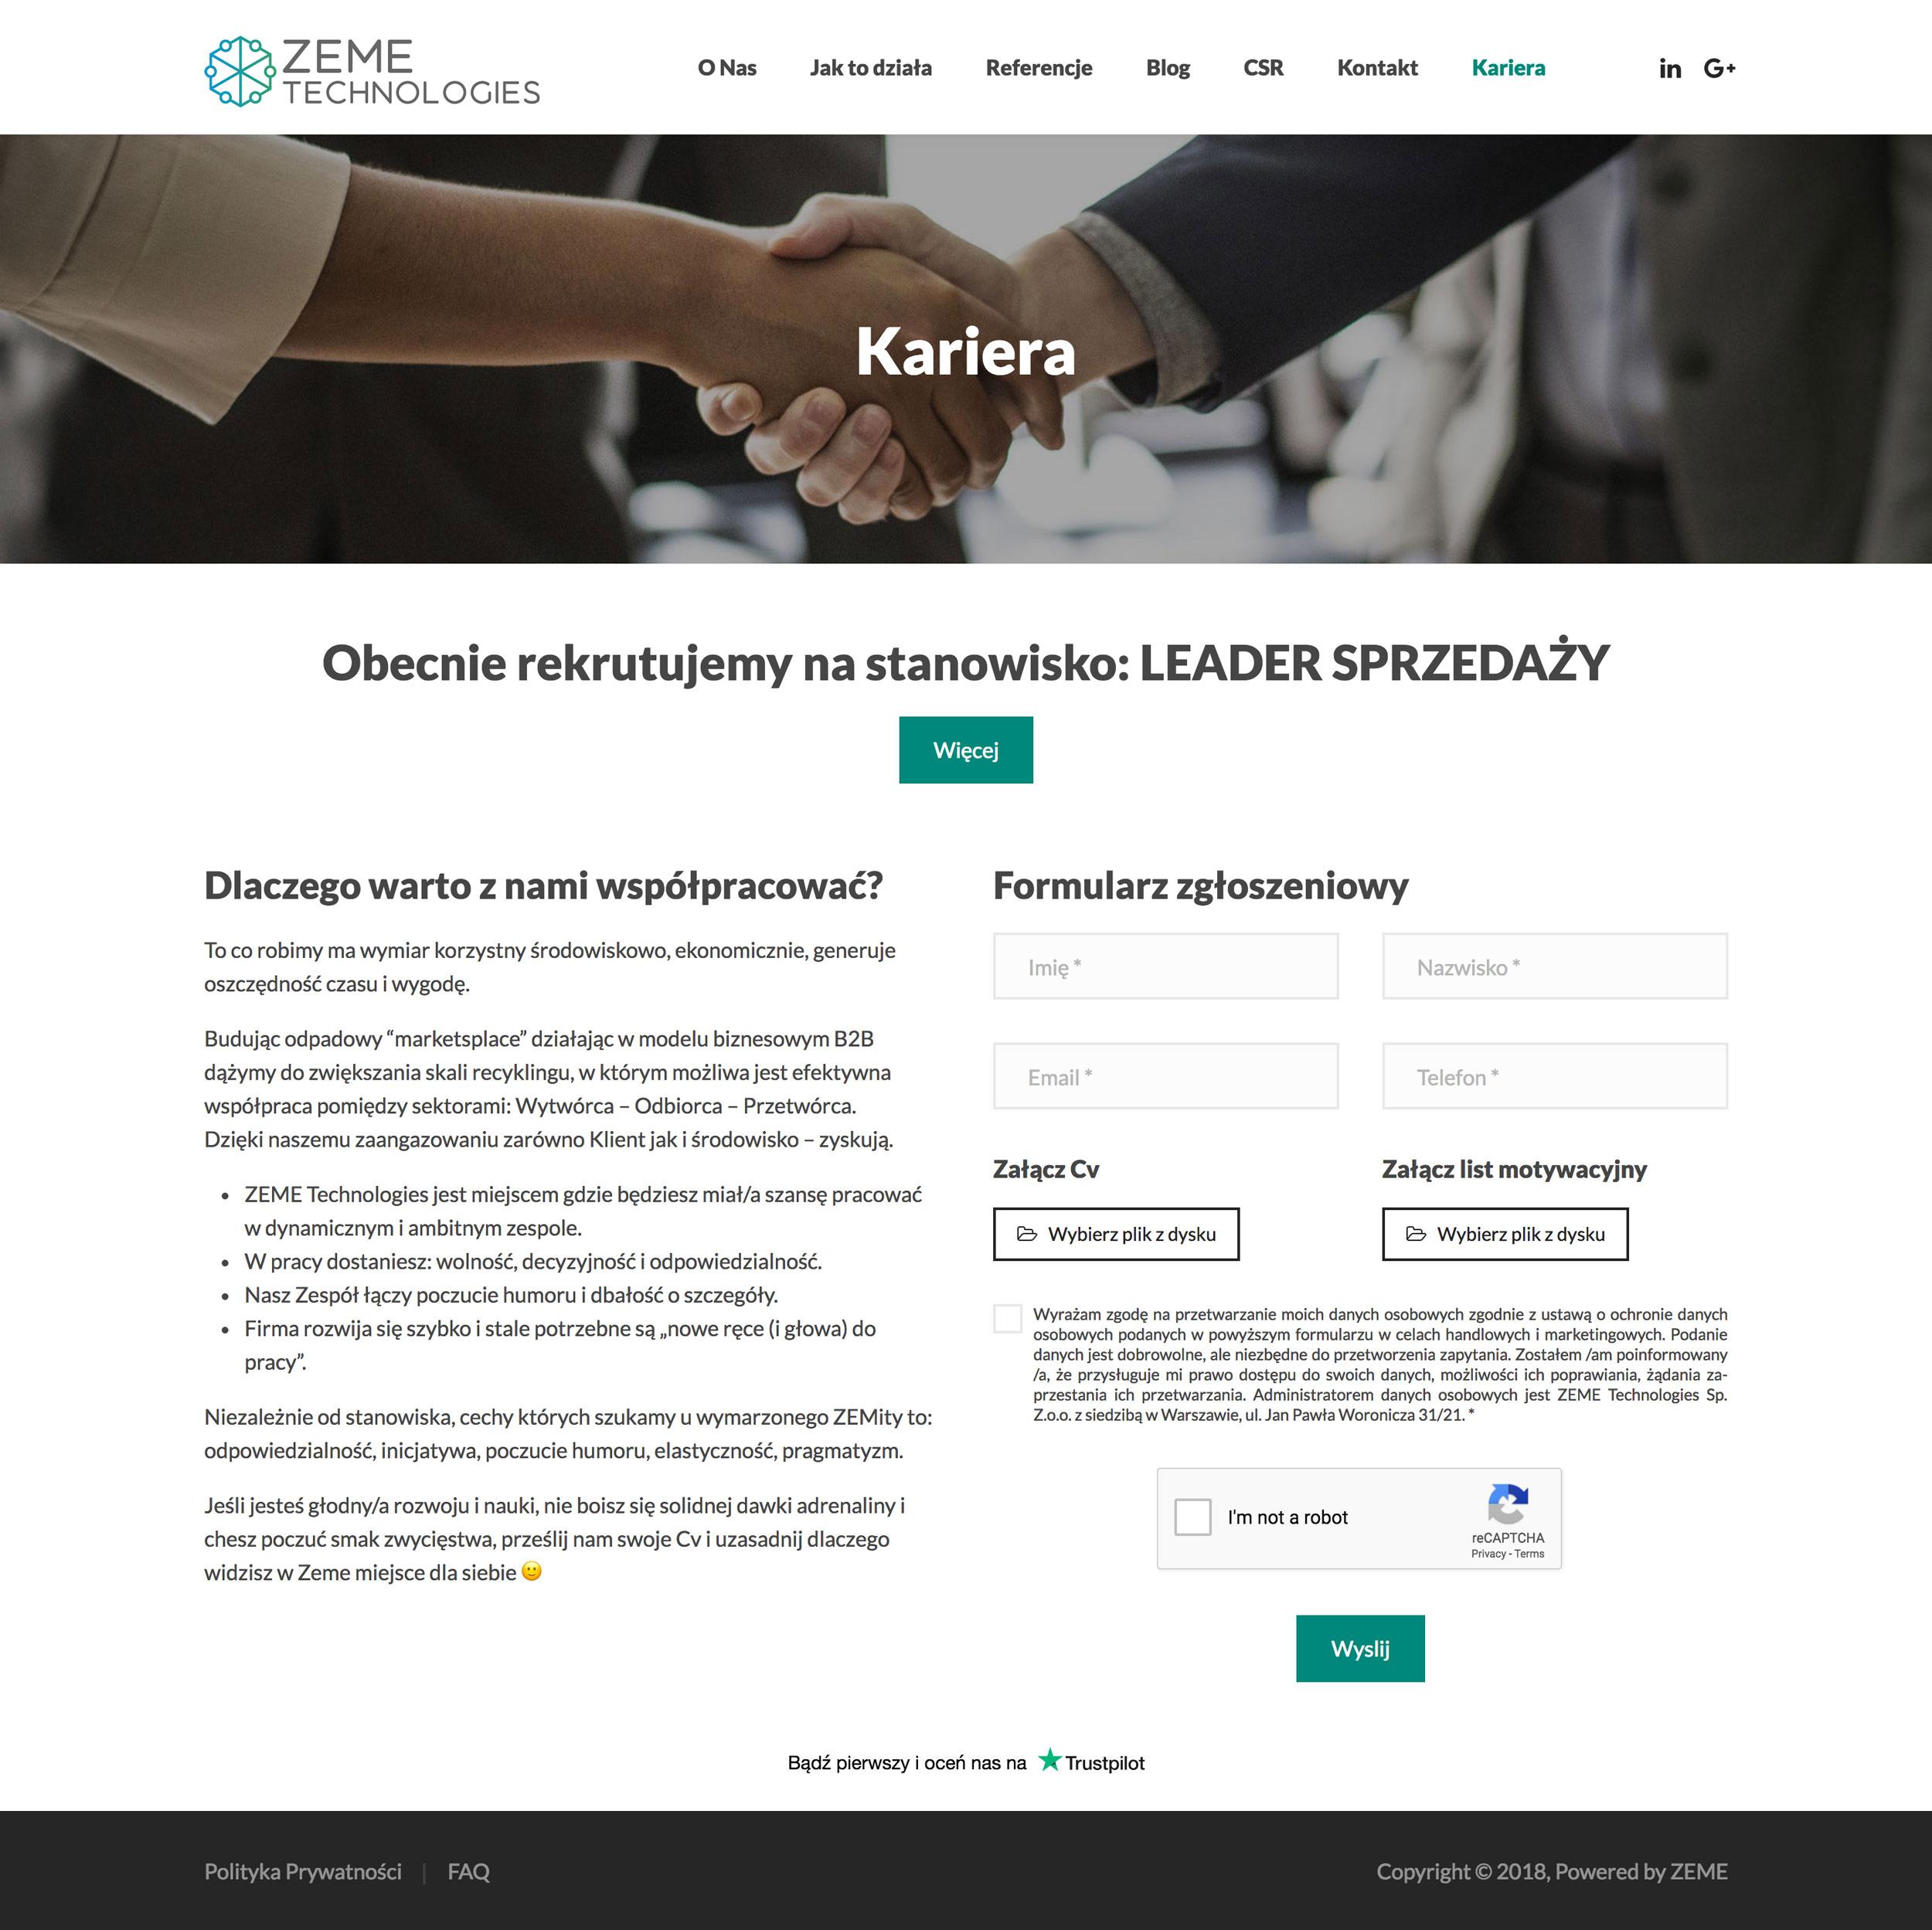 ZEME Technologies - Kariera